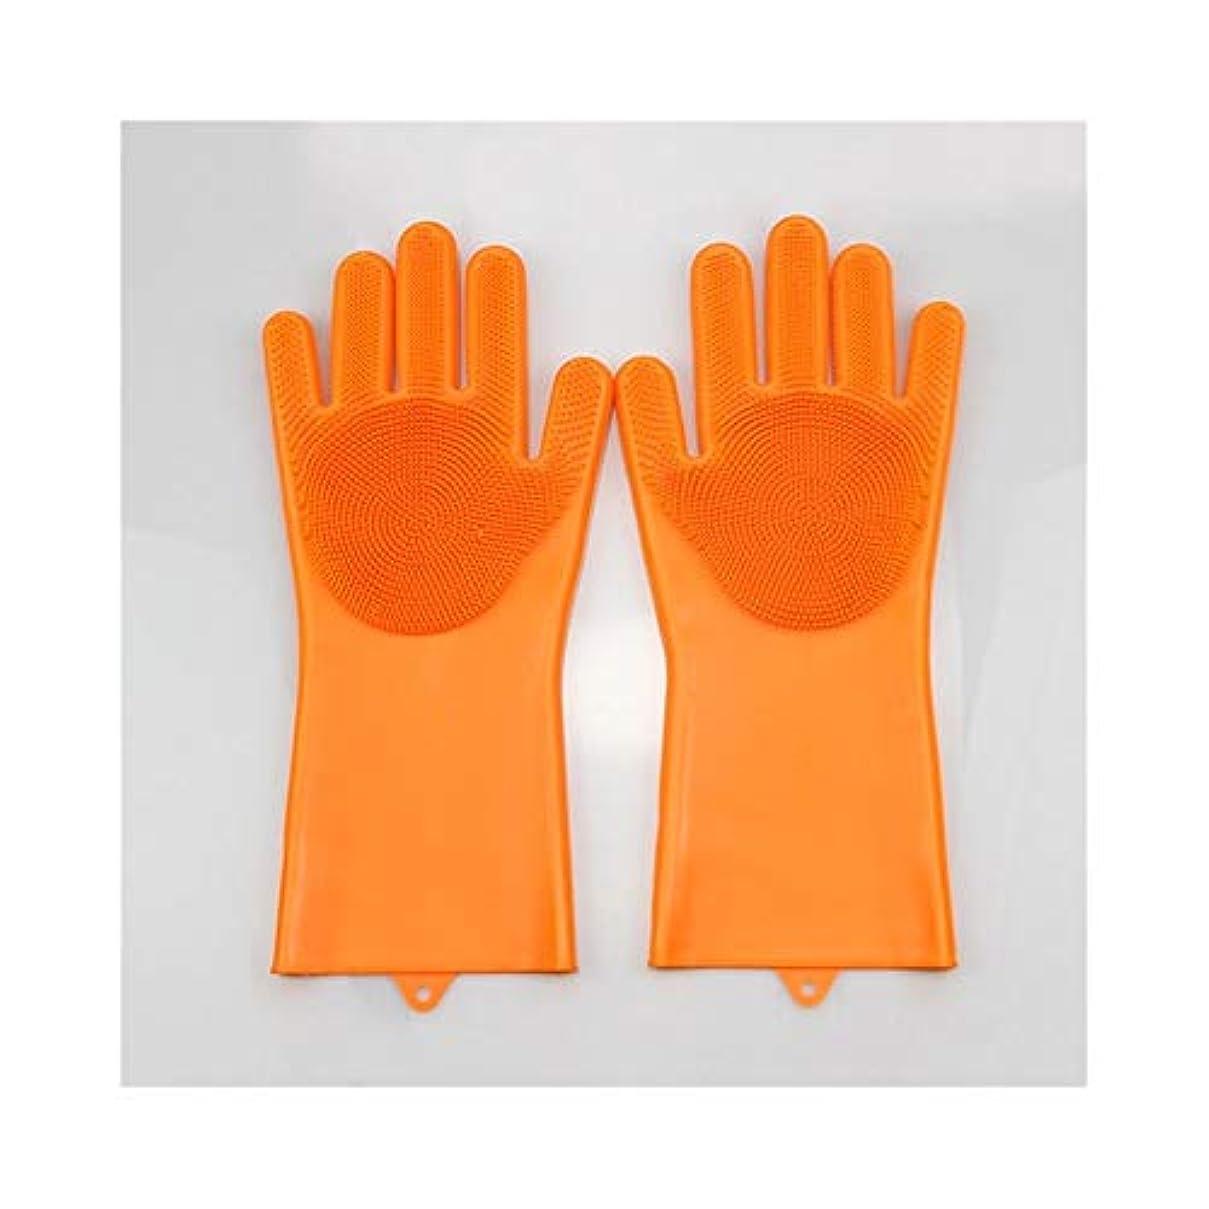 偏見危険先行するBTXXYJP キッチン用手袋 手袋 掃除用 ロング 耐摩耗 食器洗い 作業 掃除 炊事 食器洗い 園芸 洗車 防水 手袋 (Color : Orange, Size : L)